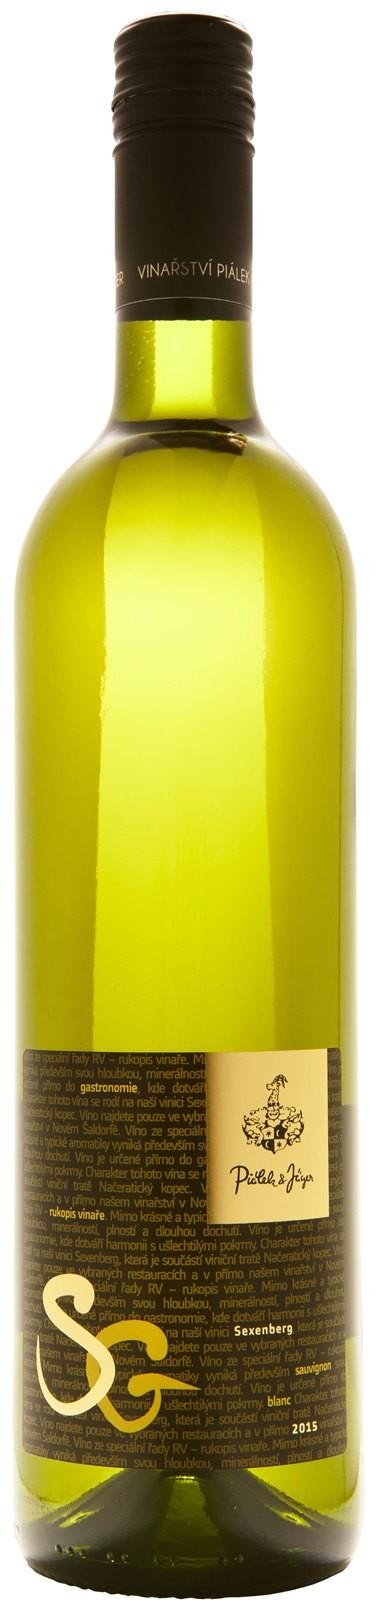 Sauvignon blanc Sexenberg 2017, suché, pozdní sběr, Vinařství Piálek & Jäger